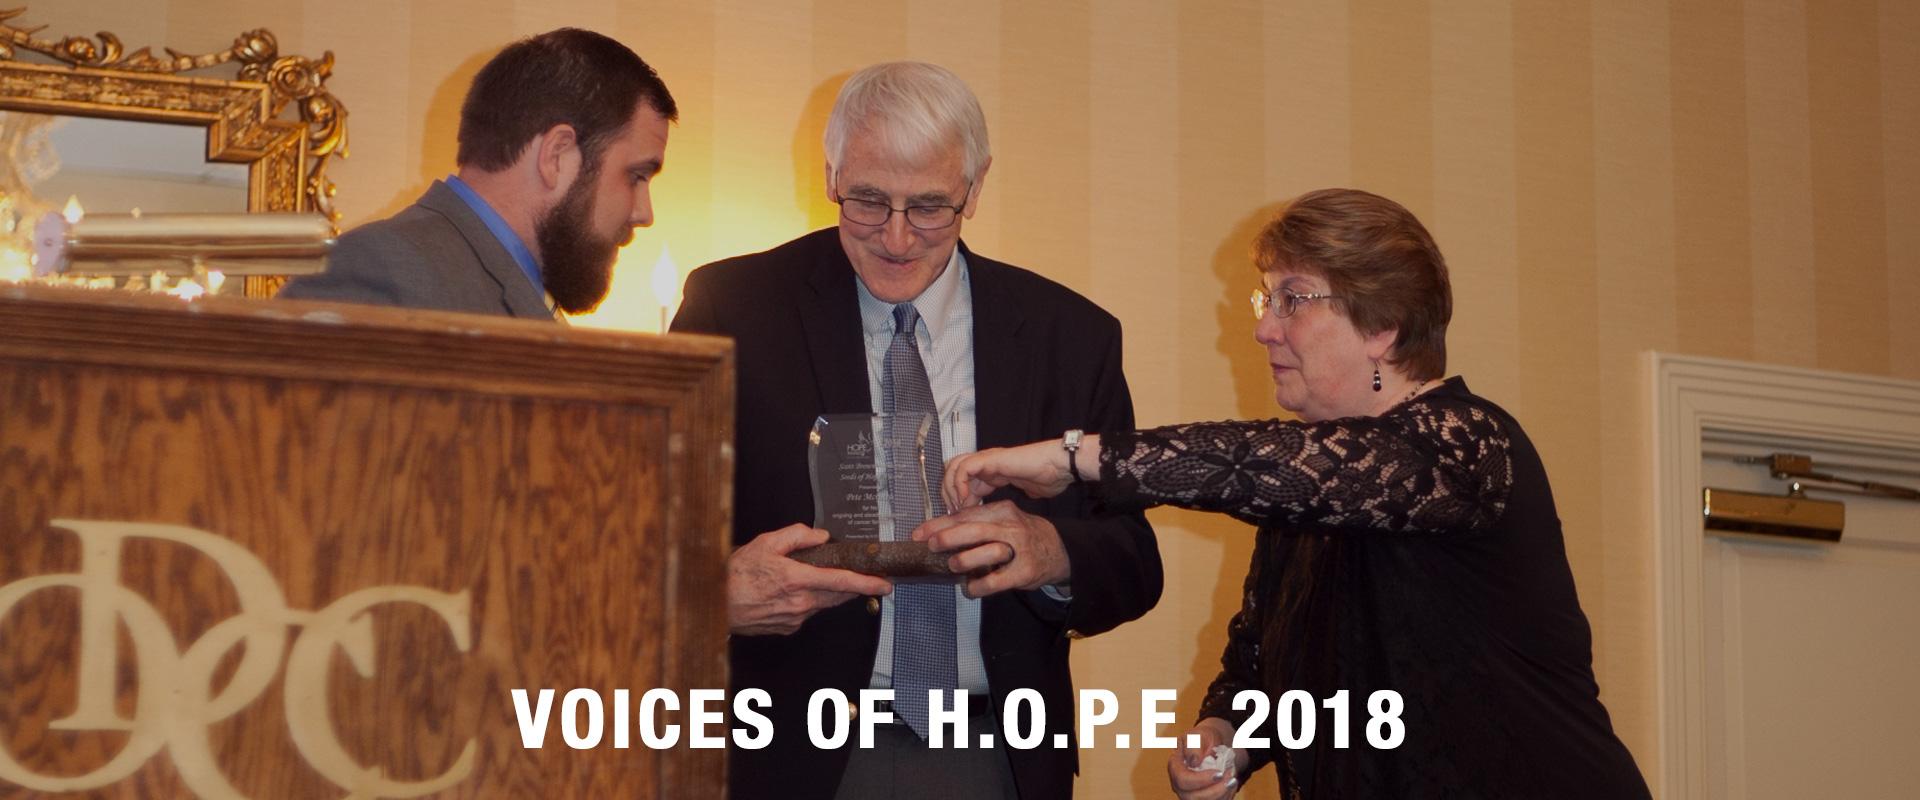 Voices of H.O.P.E. 2018 - 21